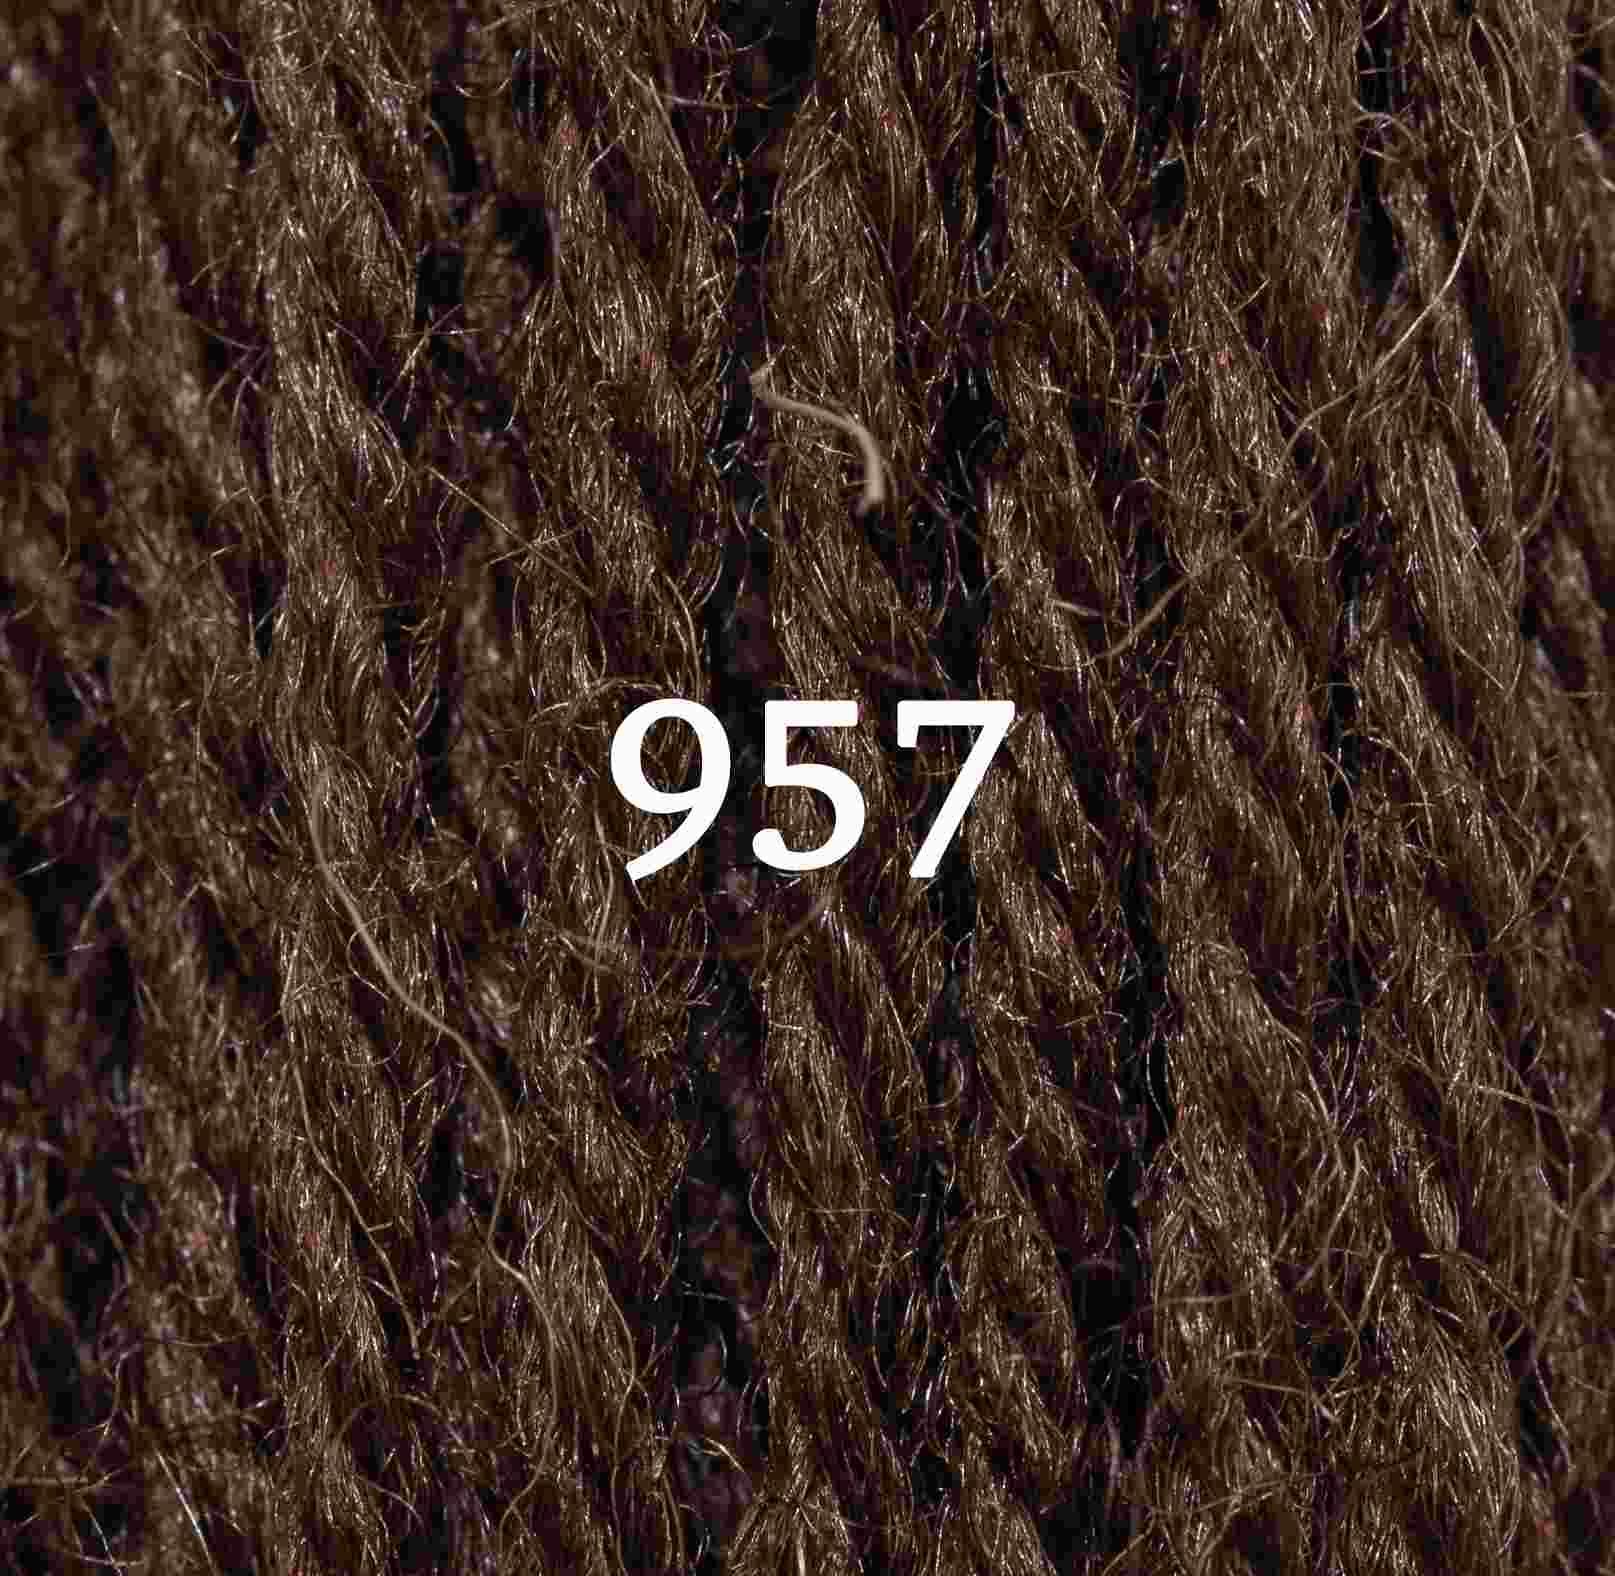 Drab-Fawn-957